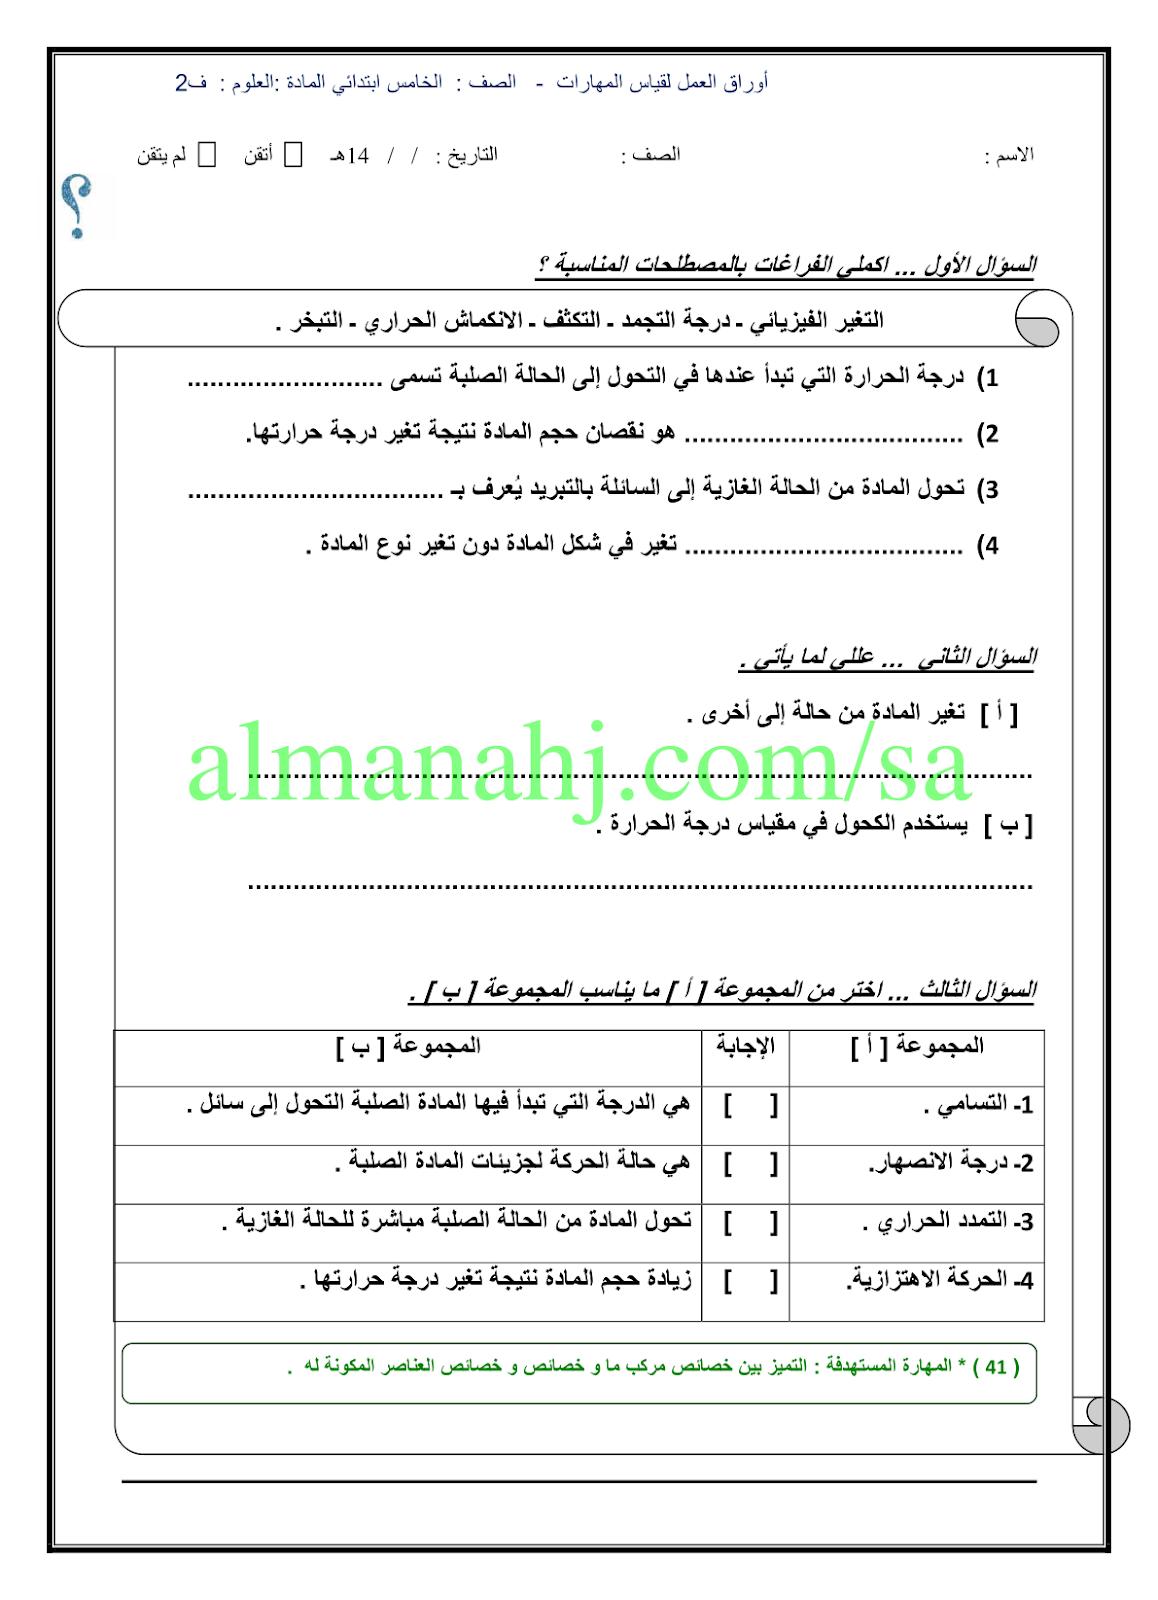 أوراق عمل علوم الصف الخامس علوم الفصل الثاني المناهج السعودية